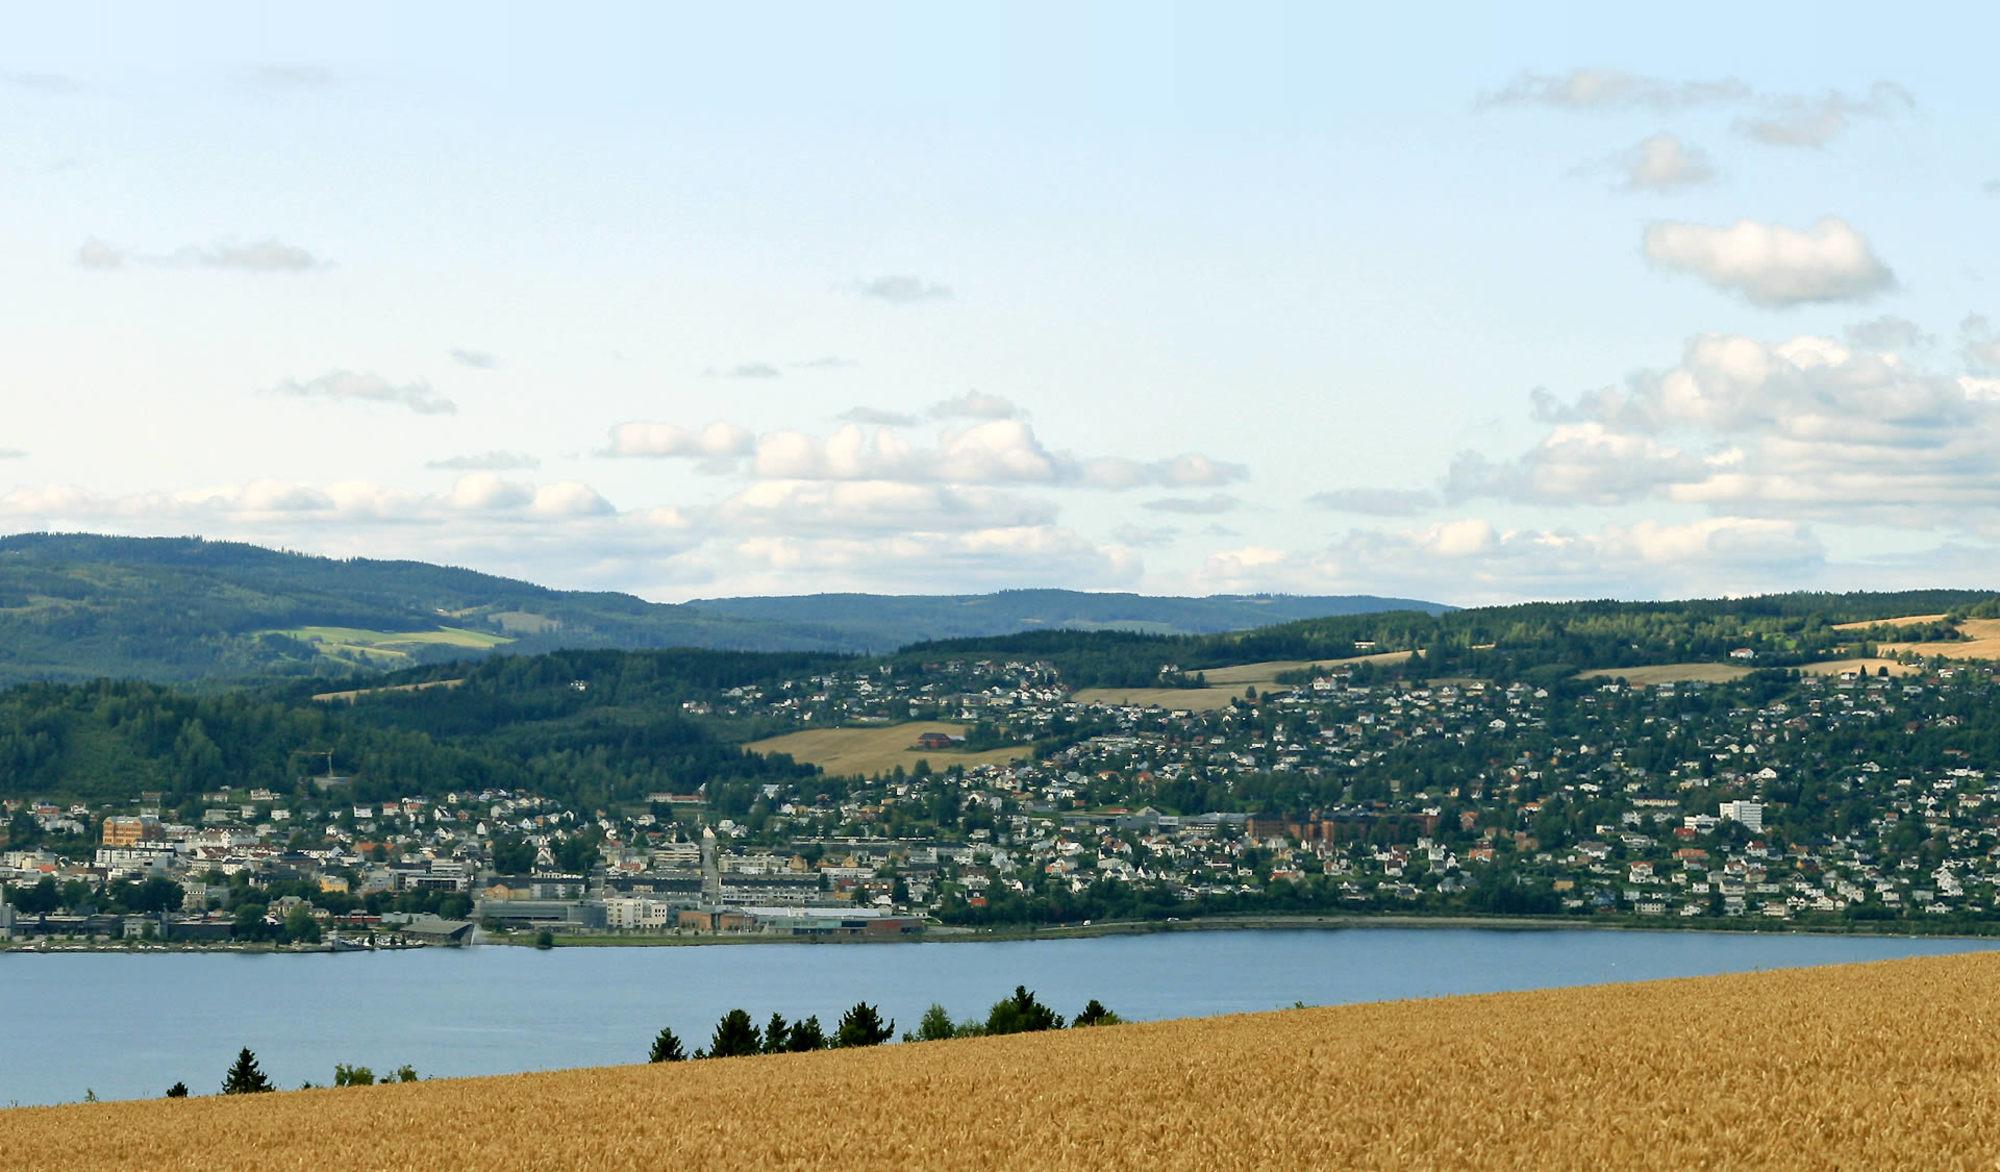 Du finner mange flinke hud og velvære salonger i Gjøvik-området.